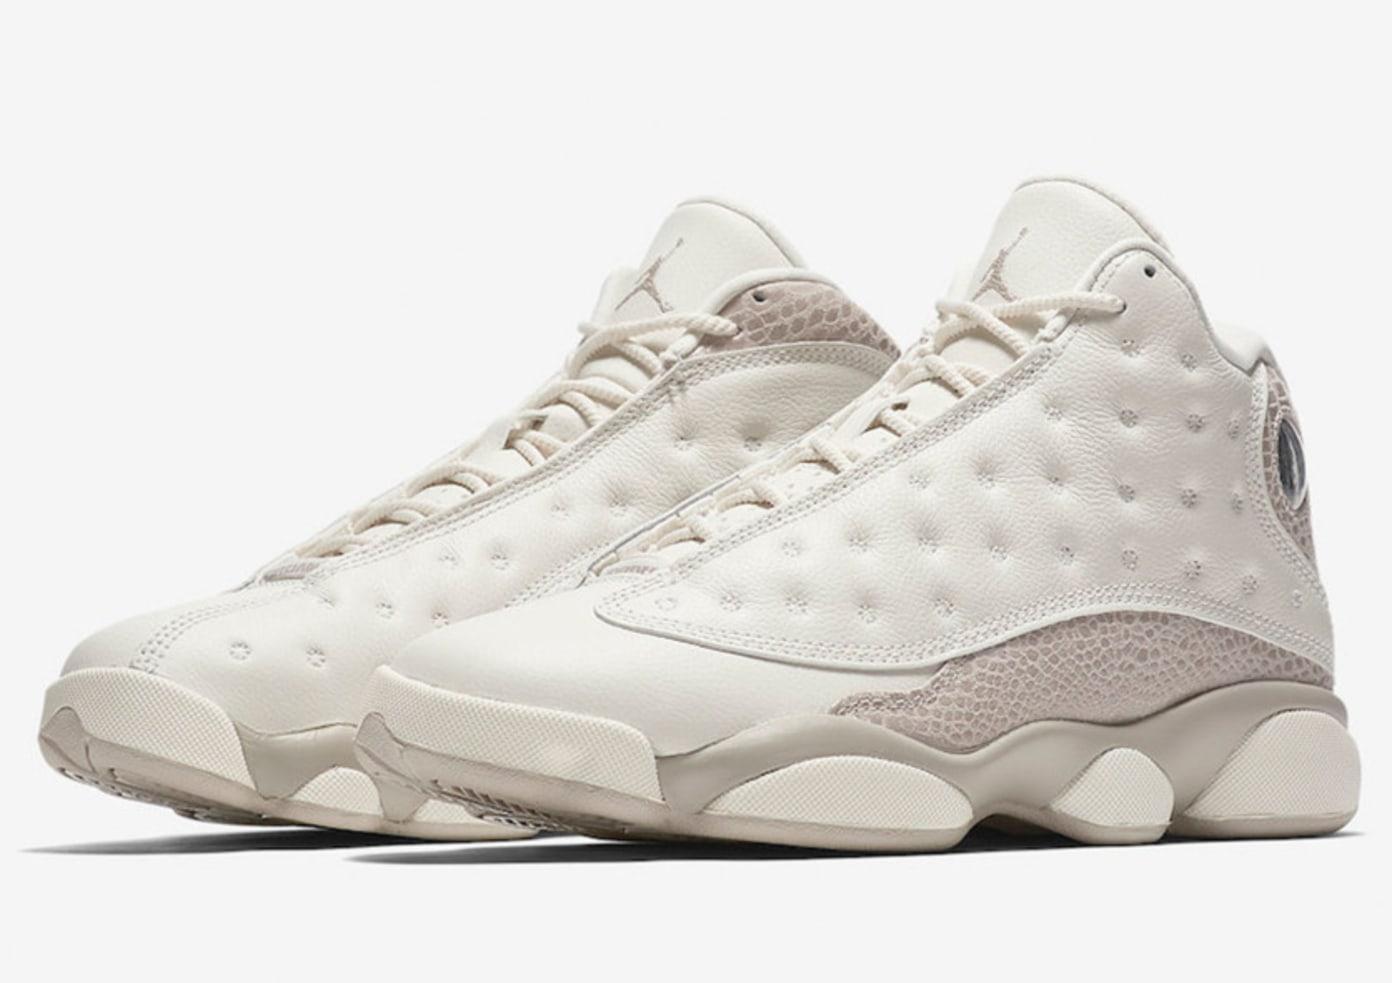 Nike WMNS Air Jordan 13 - Phantom/Moon